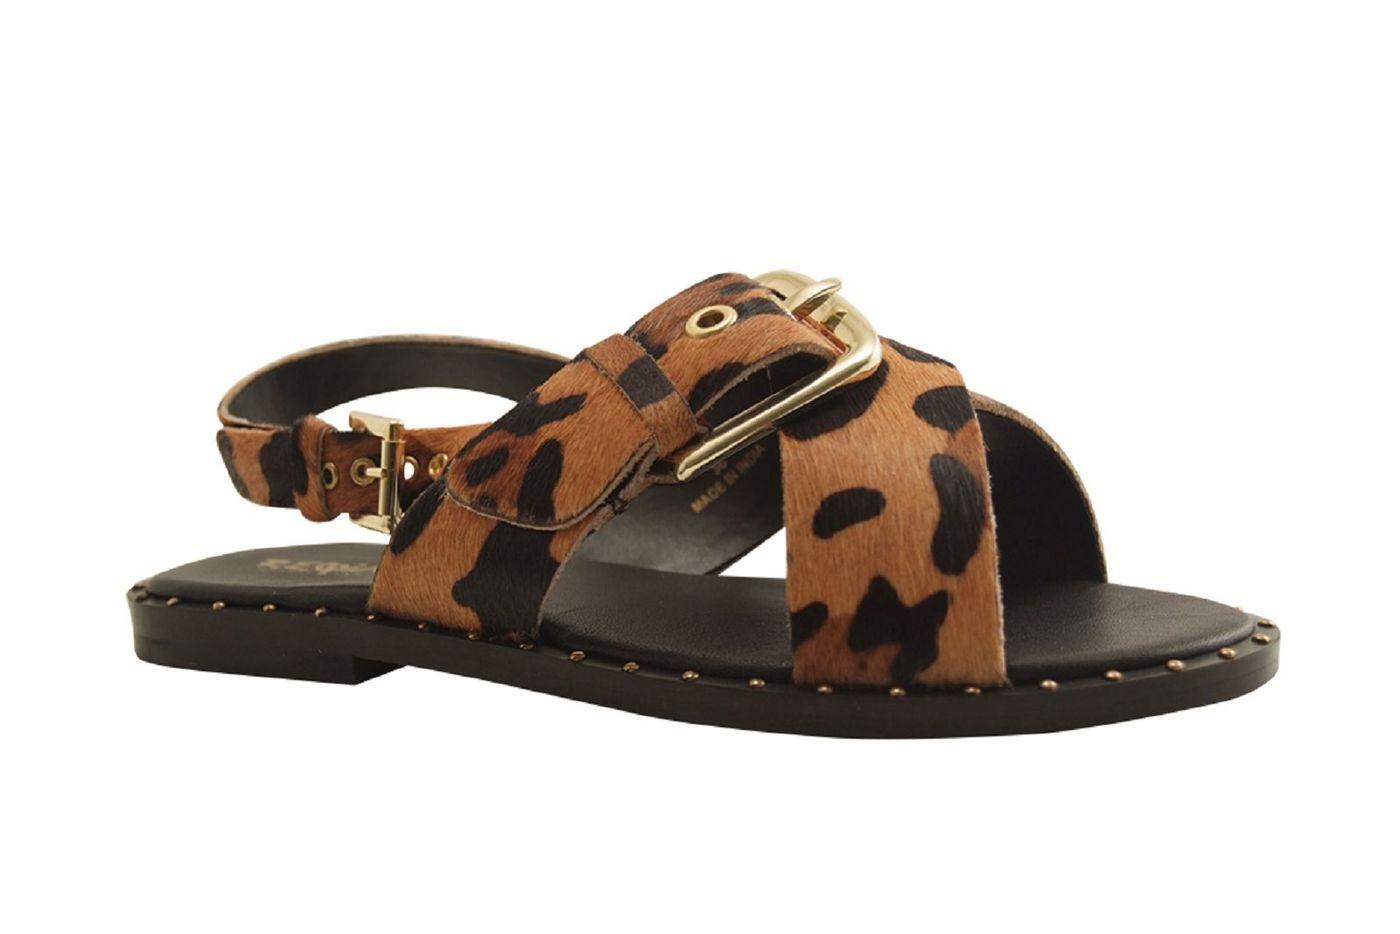 Sandale nu-pieds pour Femme de  REQINS (camel)